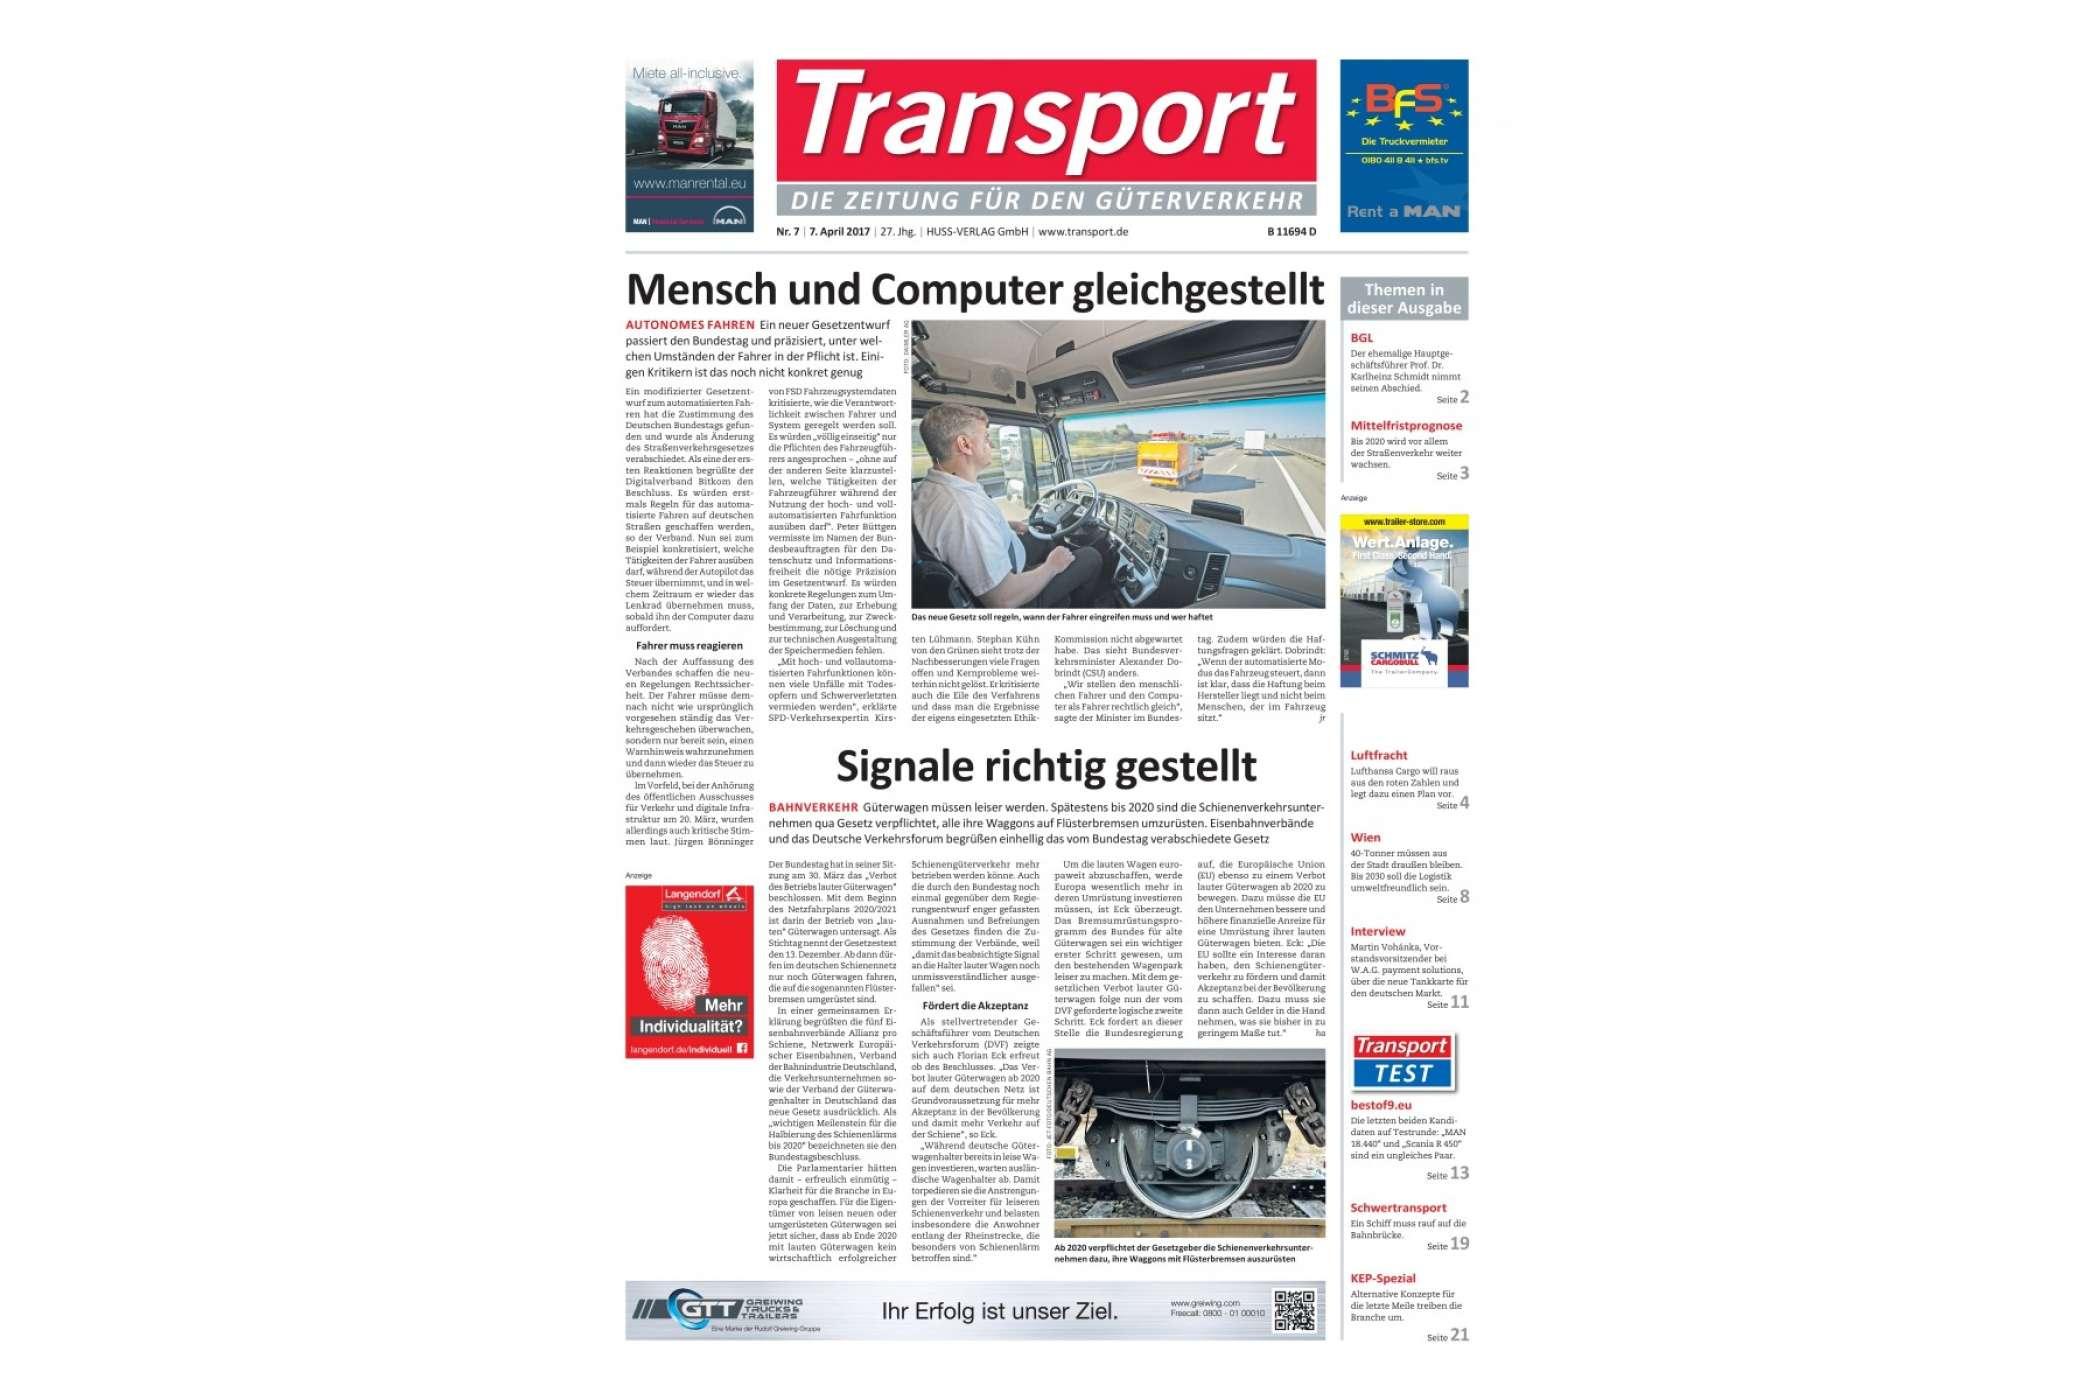 transportausgabe nr 07  fachmagazin  transport  die